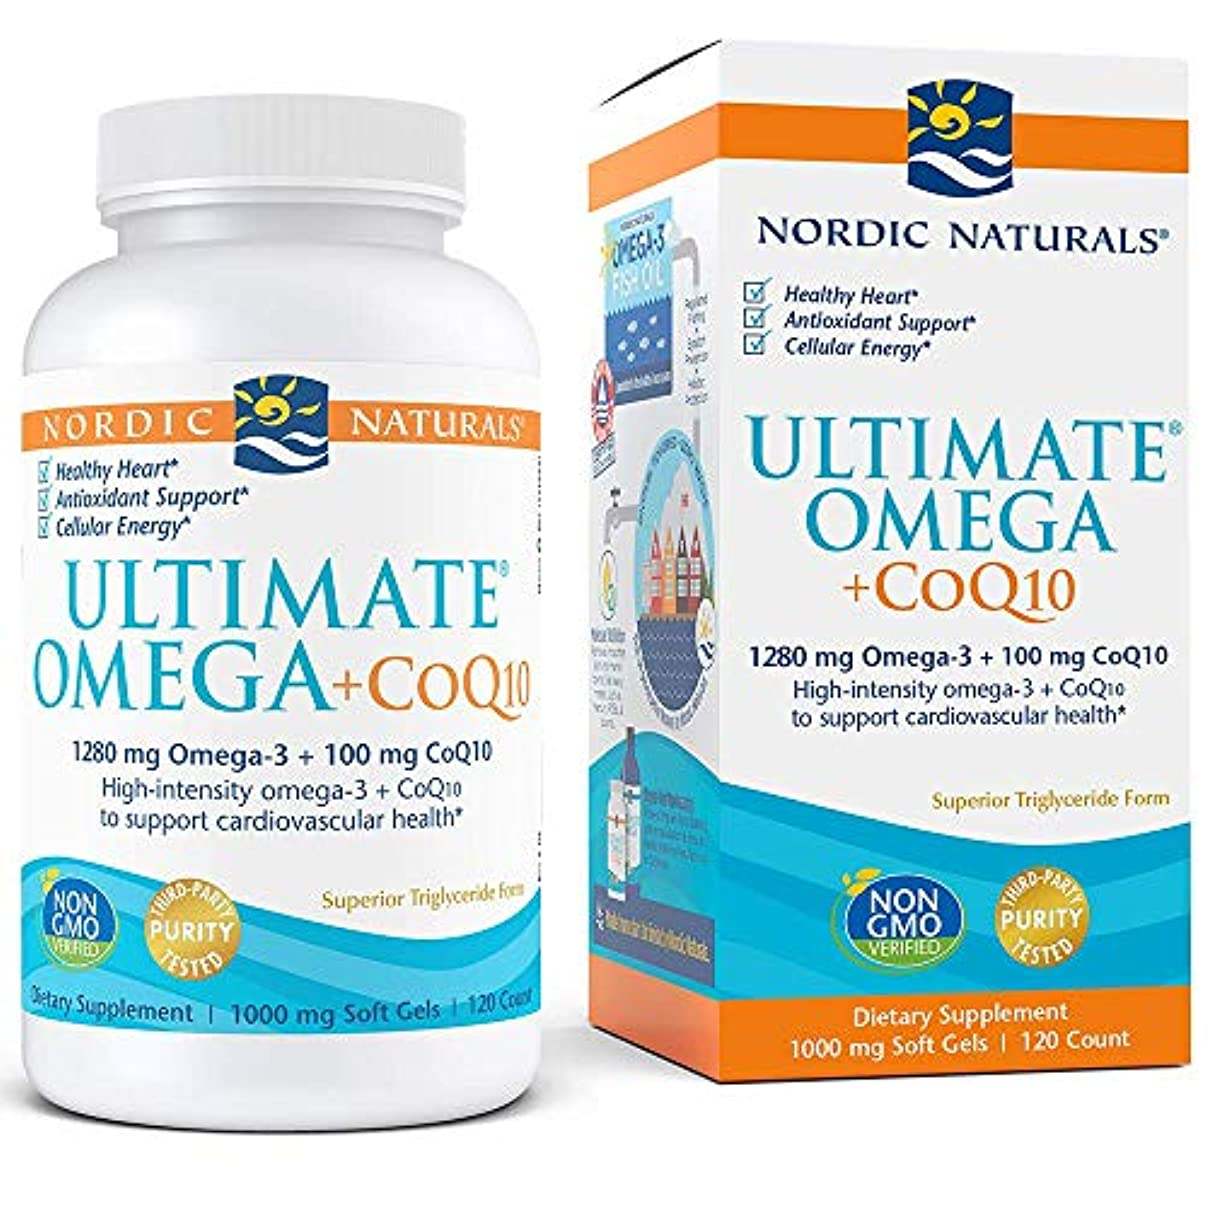 苗彫る栄光Nordic Naturals Ultimate Omega + CoQ10 アルティメットオメガ+コエンザイムQ10 120錠 [海外直送品]